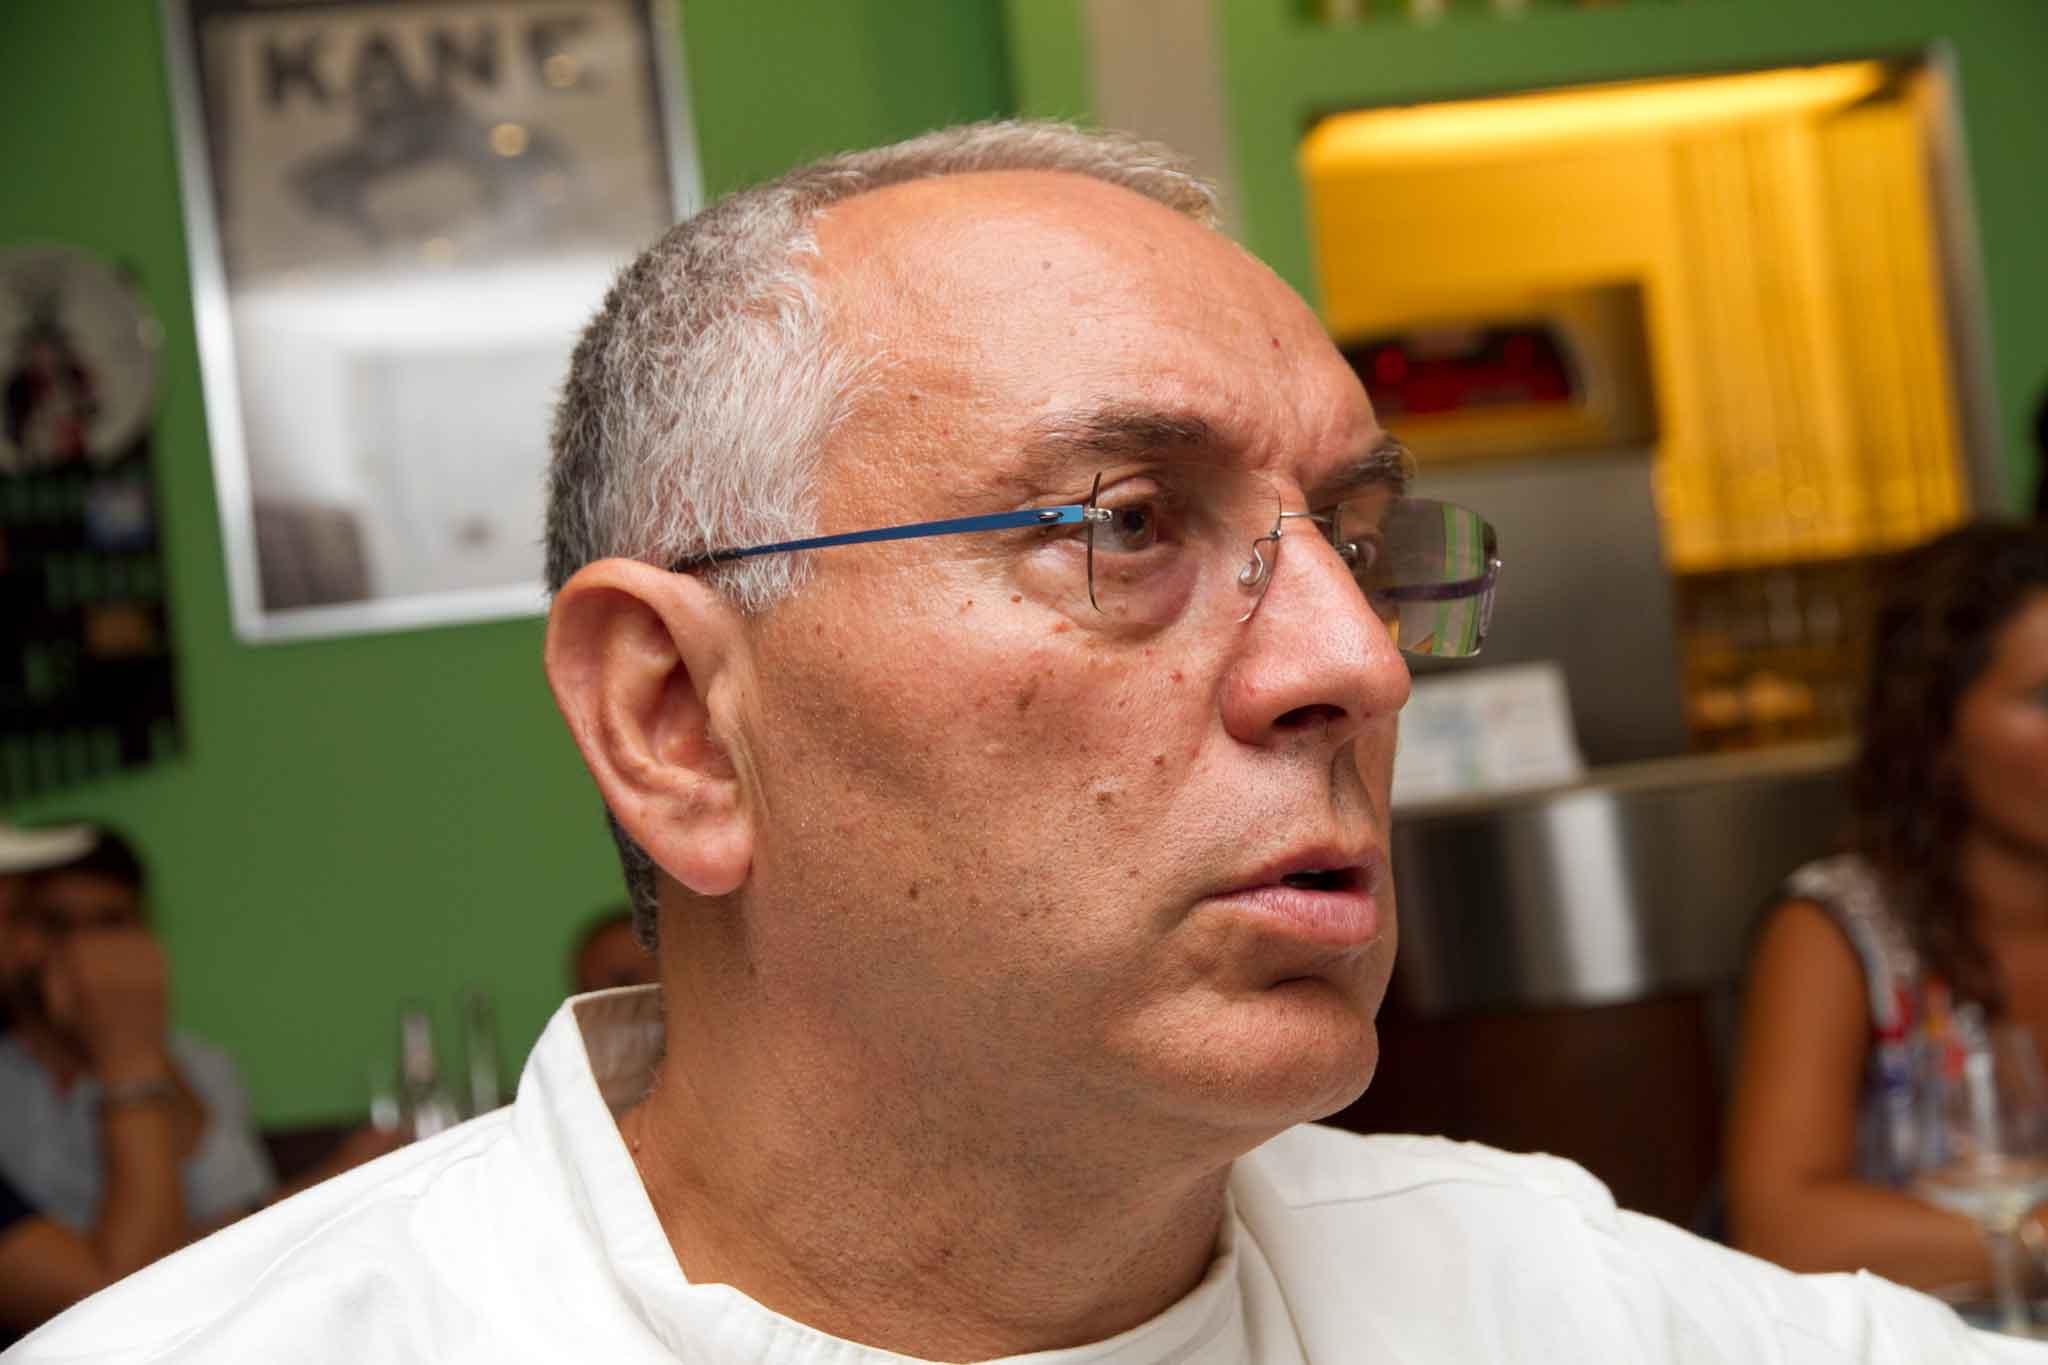 Enzo Coccia pizzaiolo Napoli